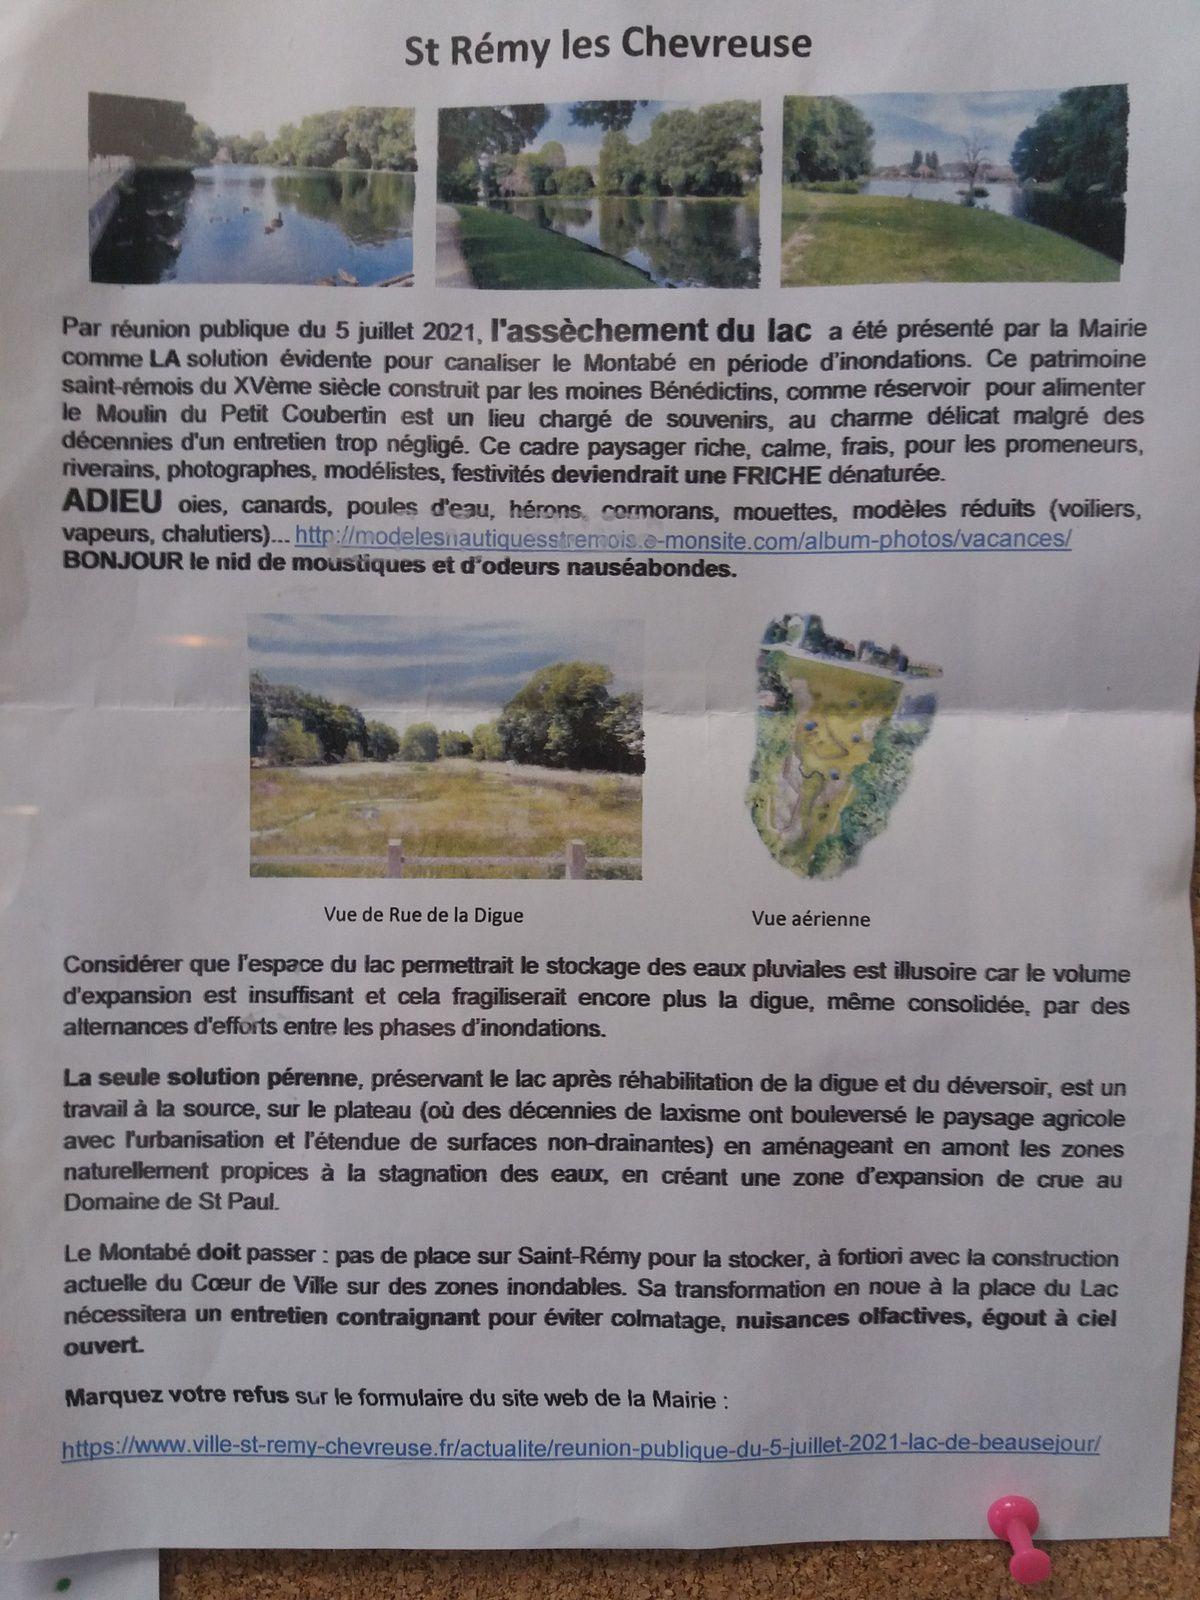 """"""" flyer"""" annonçant l'assèchement du lac du XV siècle de Saint-Rémy-lès-Chevreuse"""